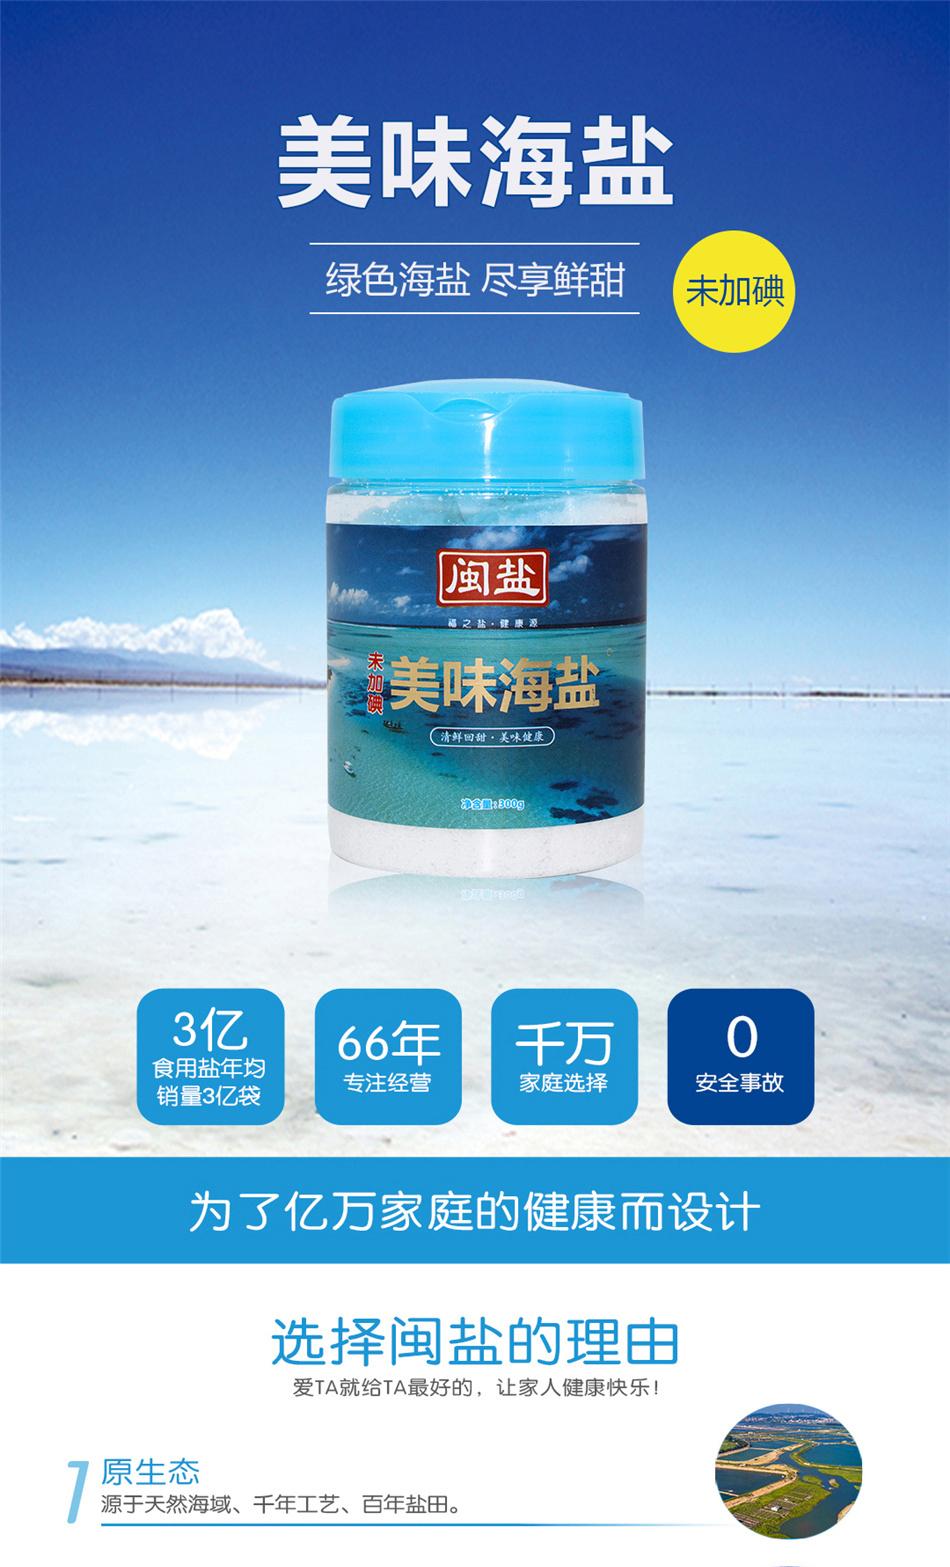 闽盐二级页面产品详情页1920dpi-未万博手机版官网美味海盐_01.jpg